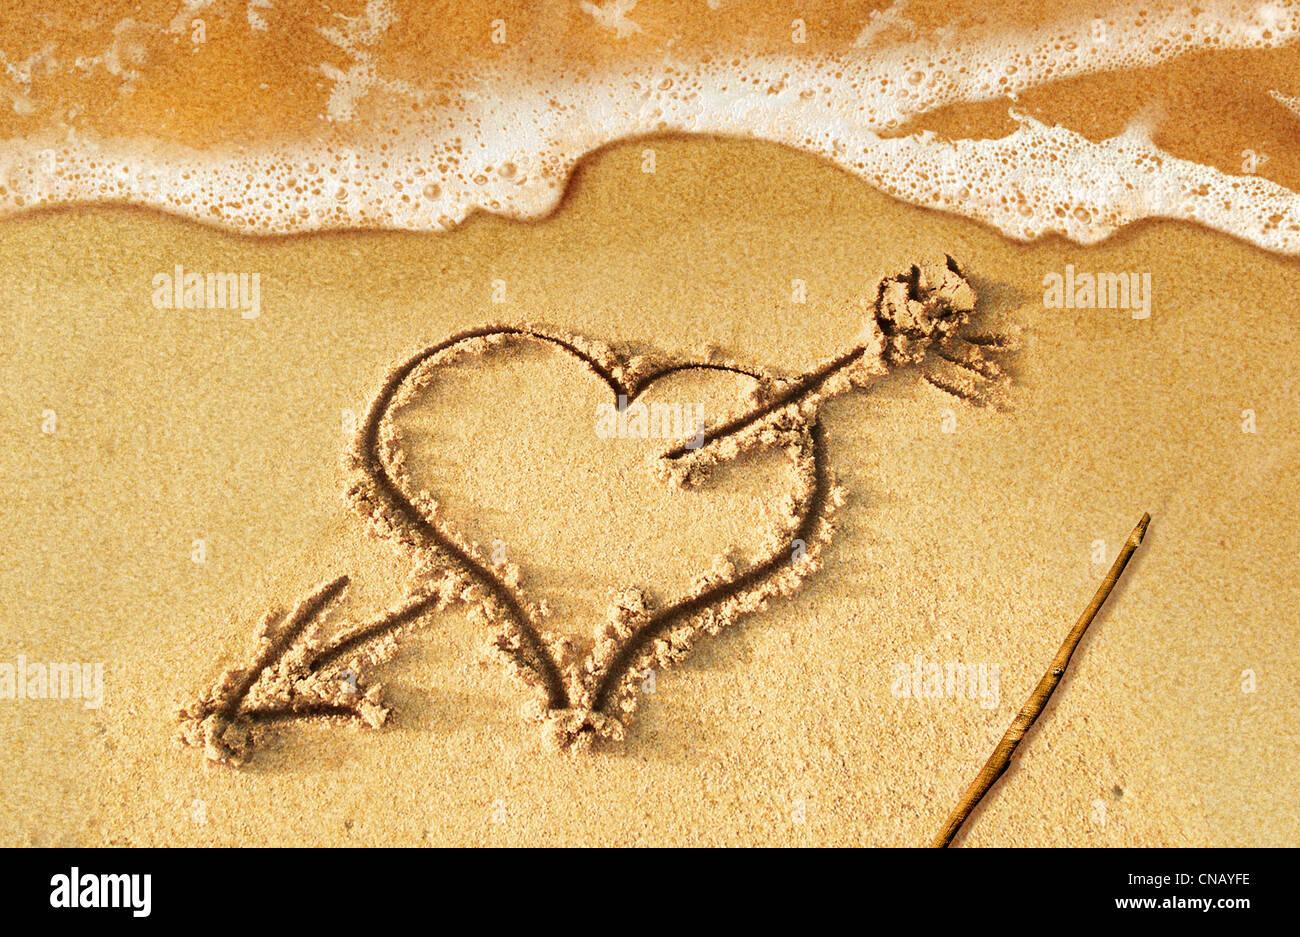 Cuore con freccia, come segno di amore, disegnata in riva alla spiaggia, con un po' di acqua e schiuma proveniente Immagini Stock